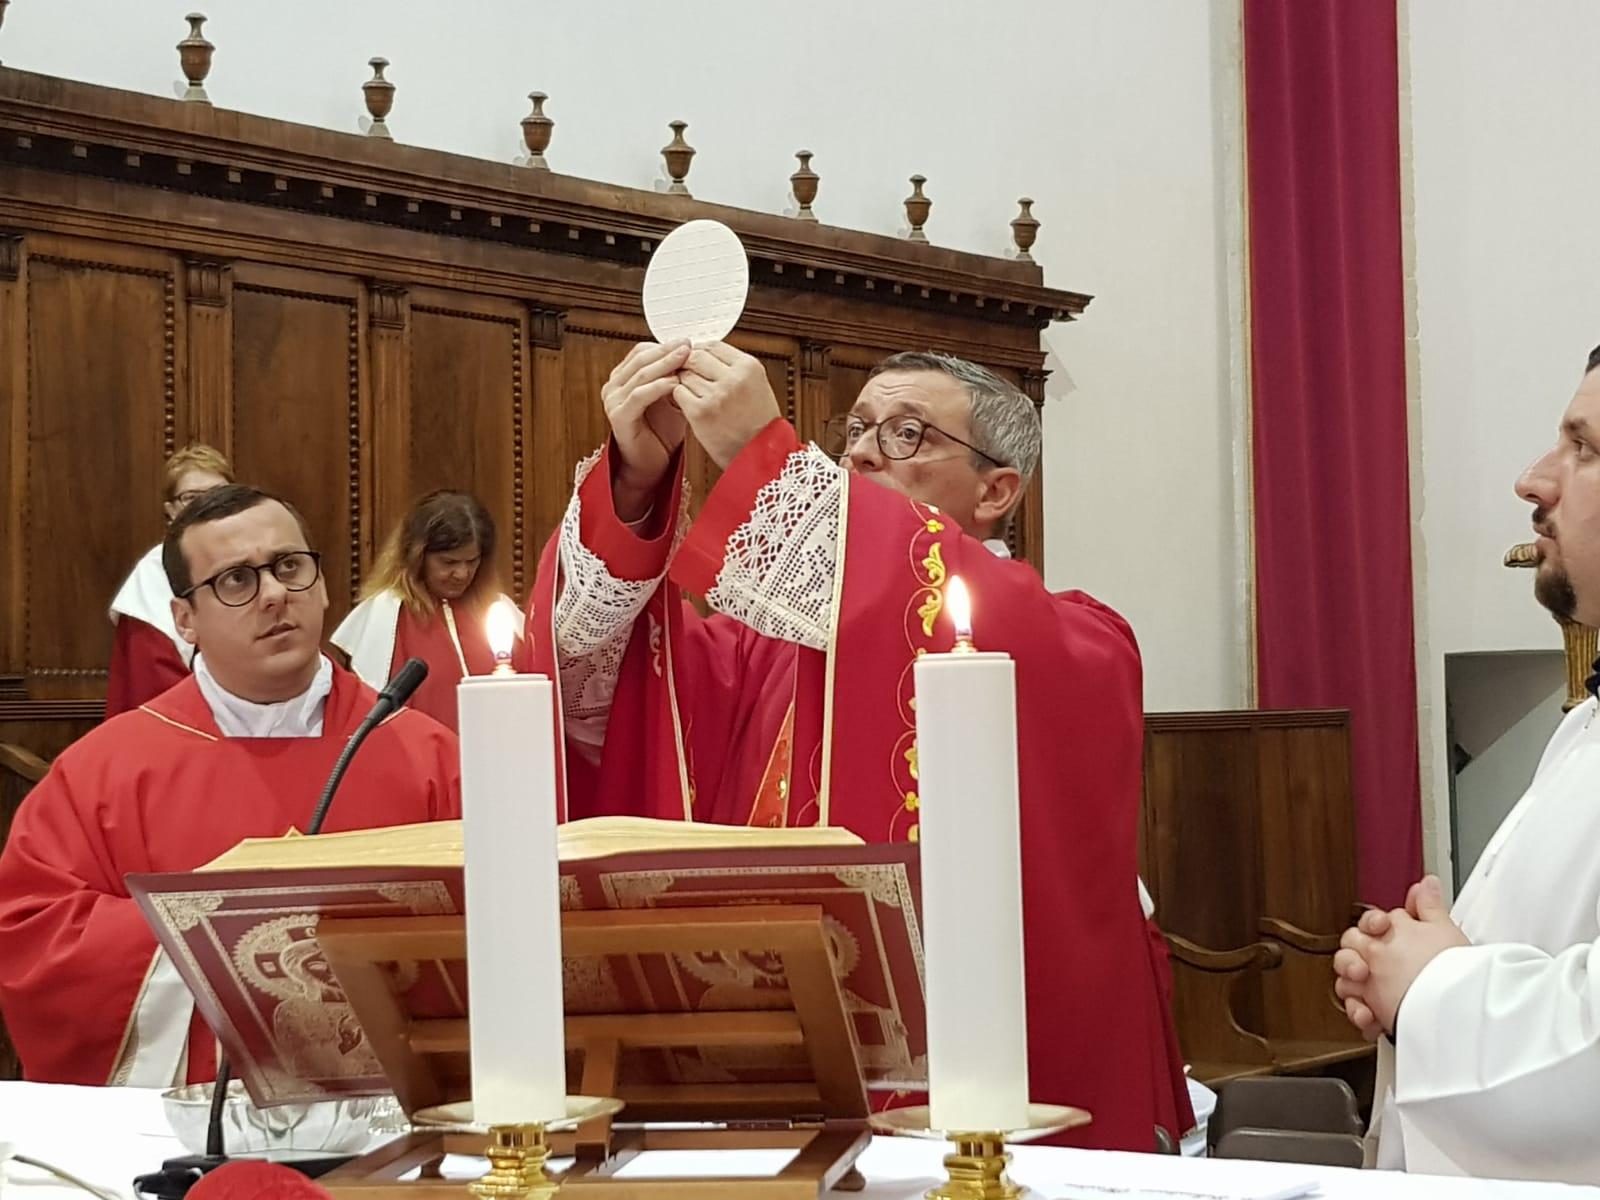 Dal 18 Maggio riprende la Messa e le celebrazioni liturgiche. Disposizioni e norme